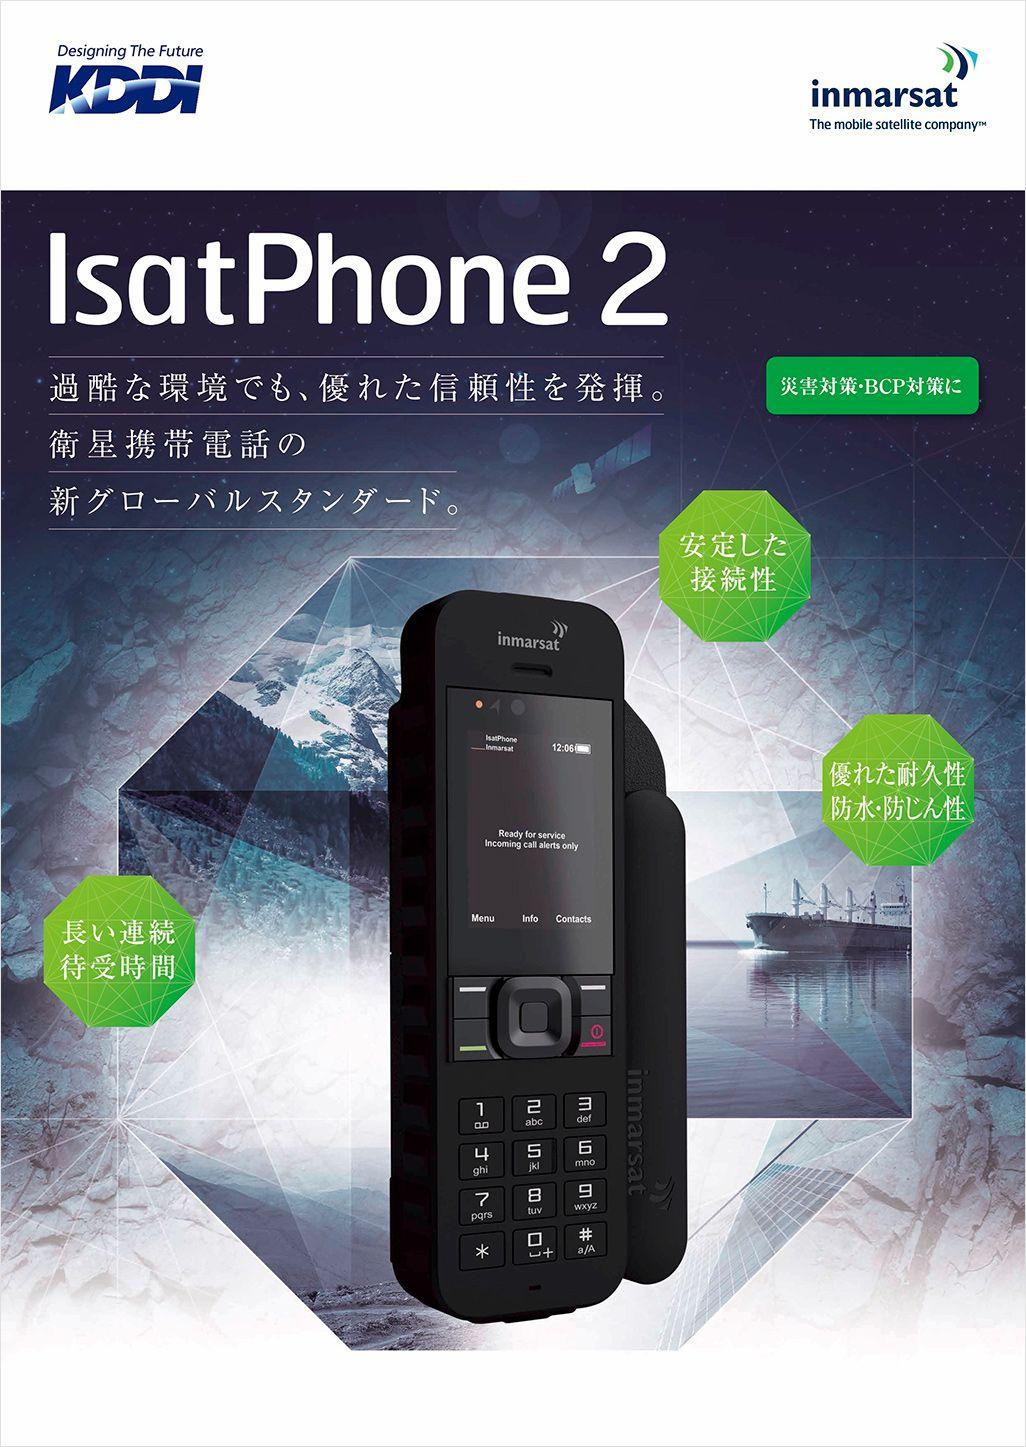 インマルサットの衛星携帯電話「IsatPhone 2」